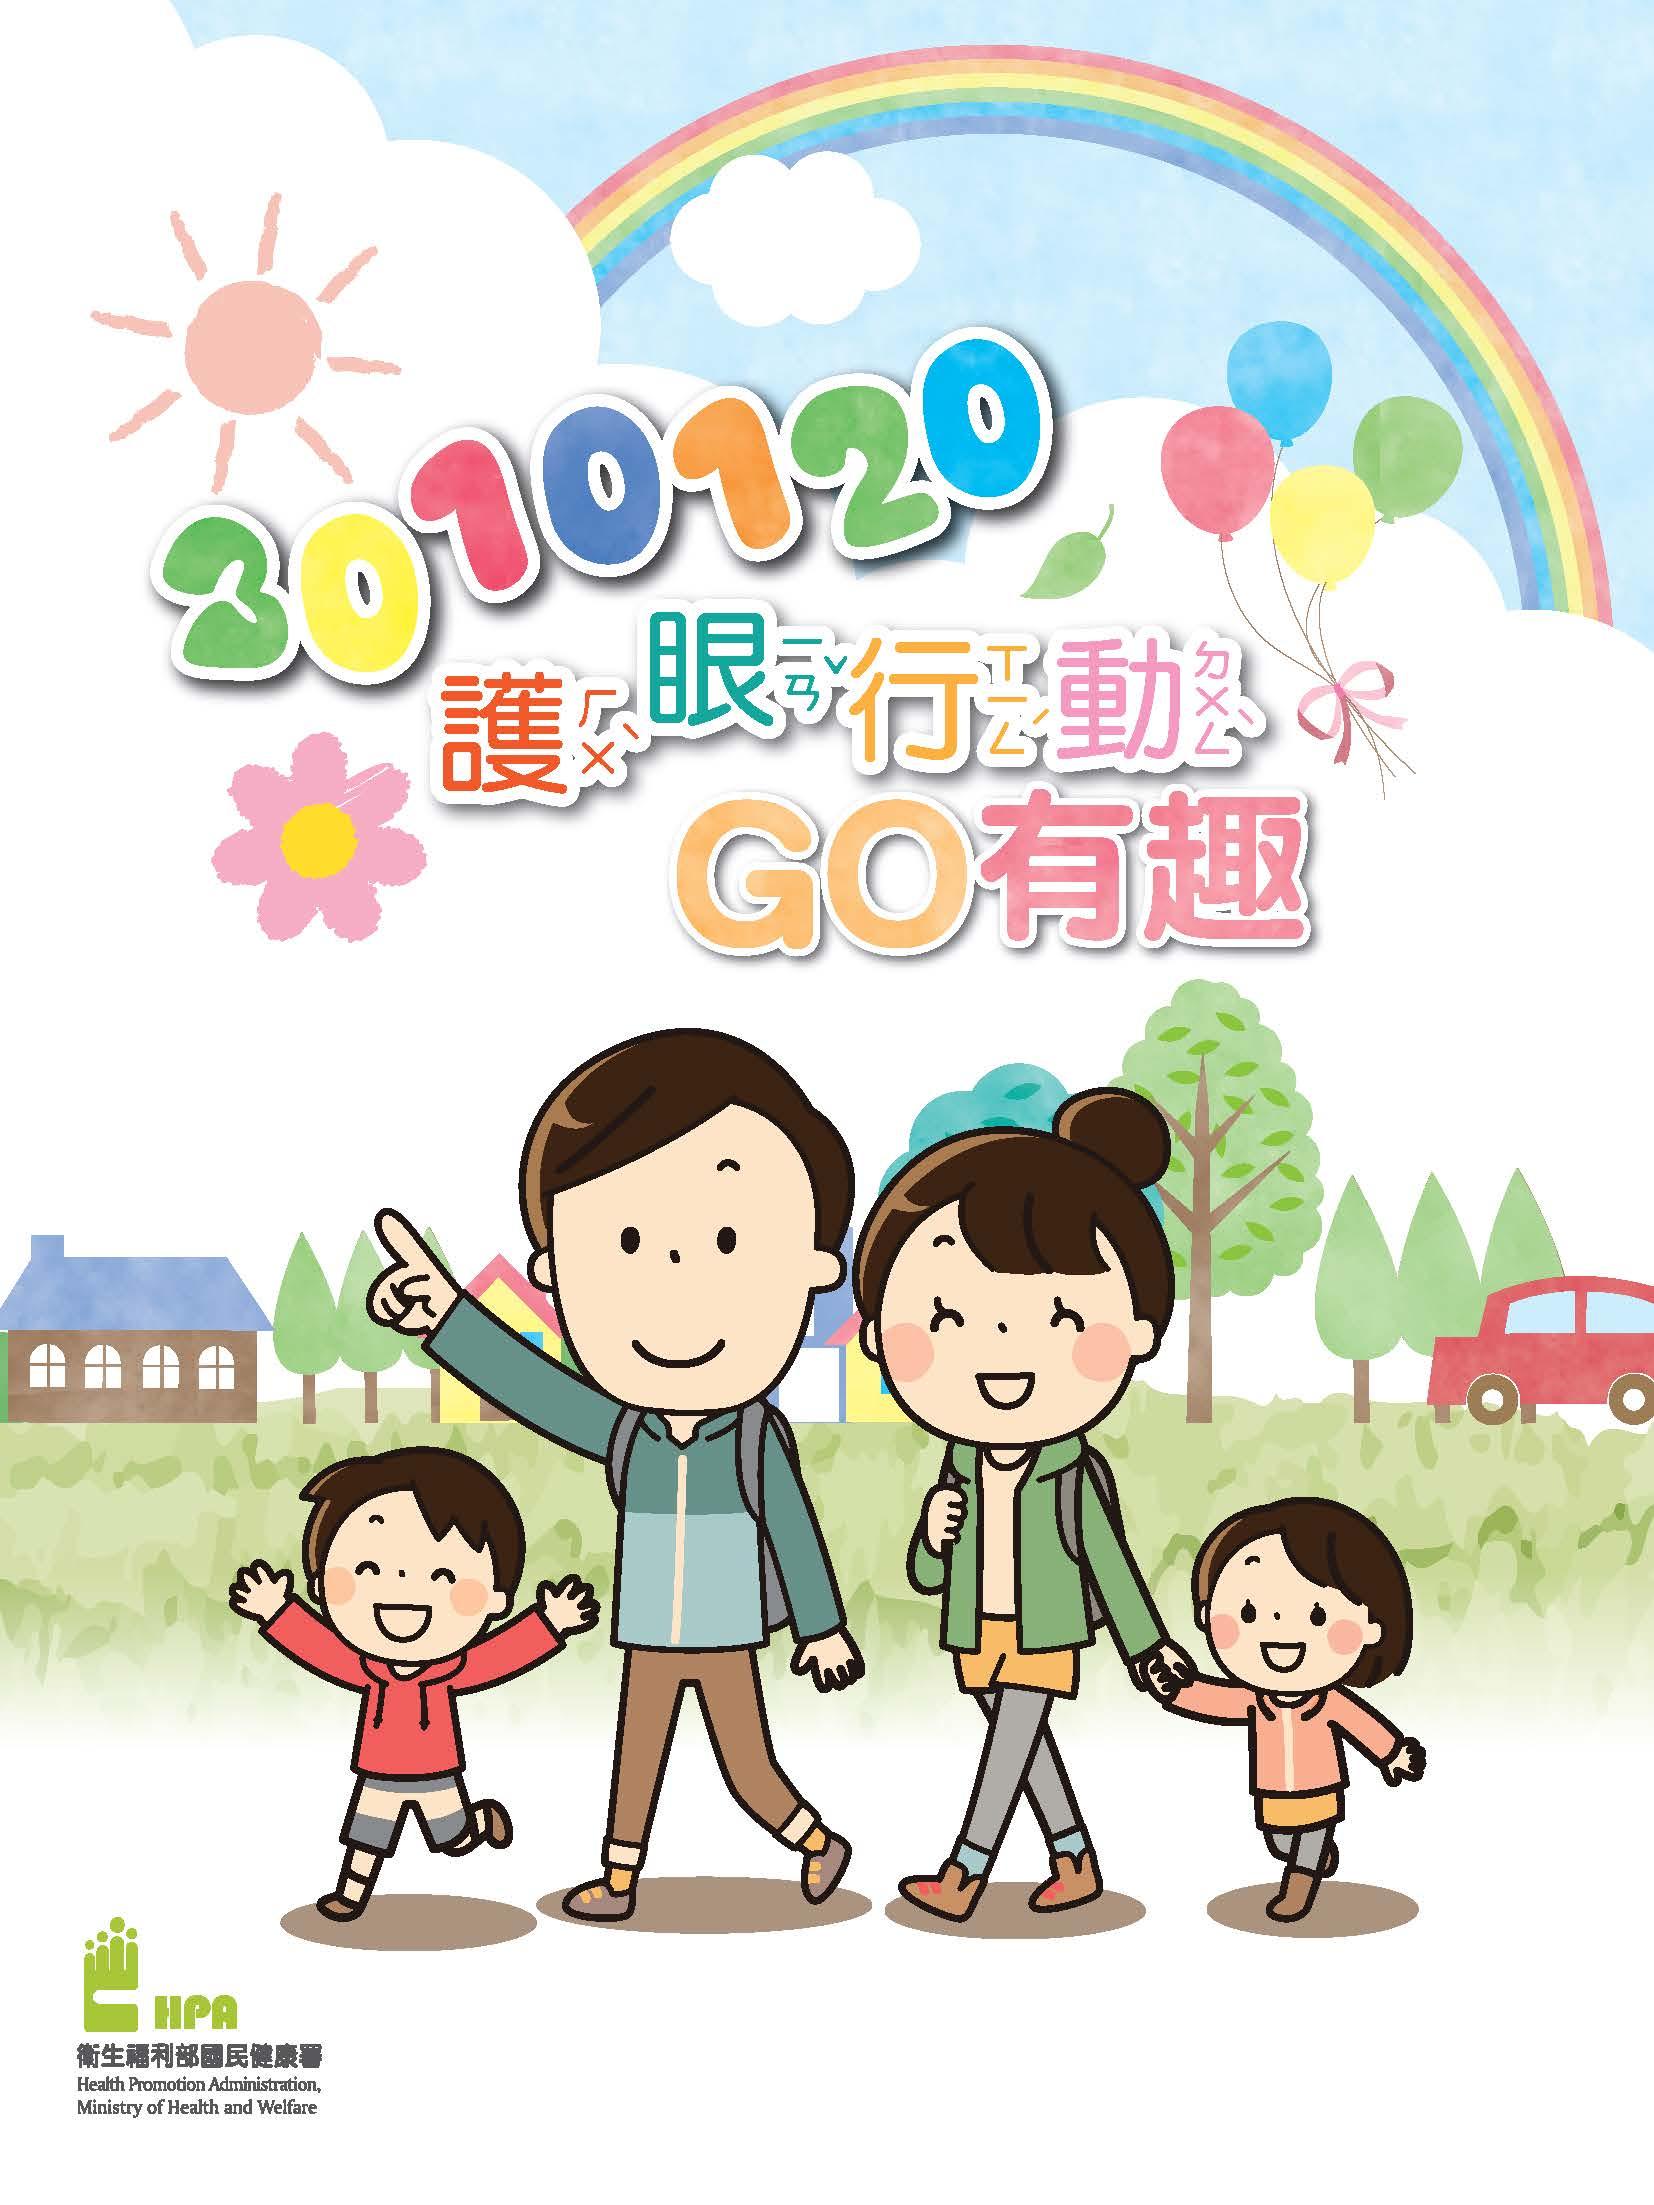 2010120戶演行動GO有趣